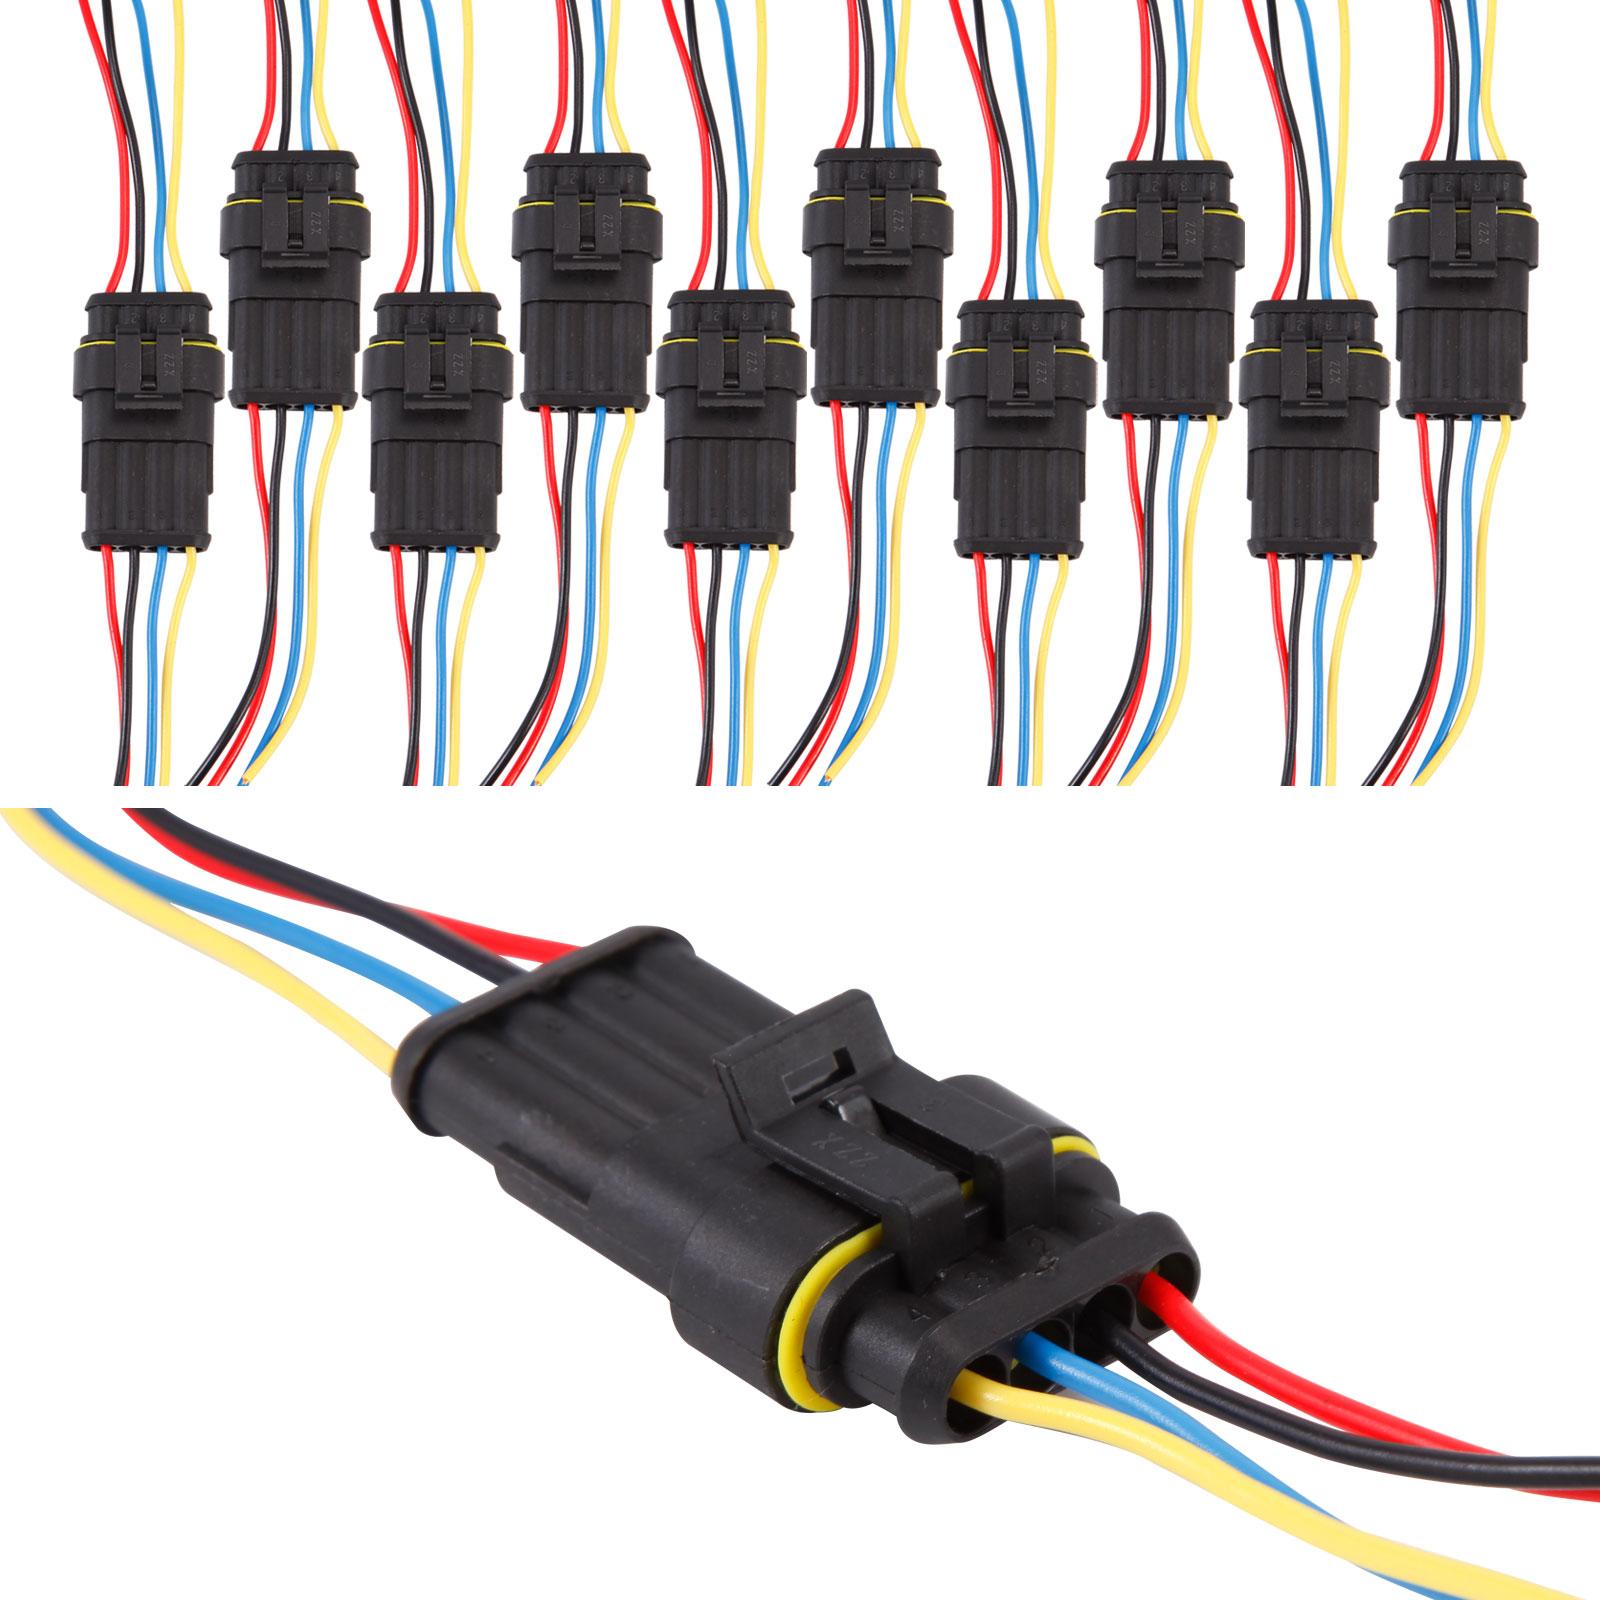 1 2 3 4 5 6 fiche connecteur lectrique etanche amp cosse broche cable voiture ebay. Black Bedroom Furniture Sets. Home Design Ideas